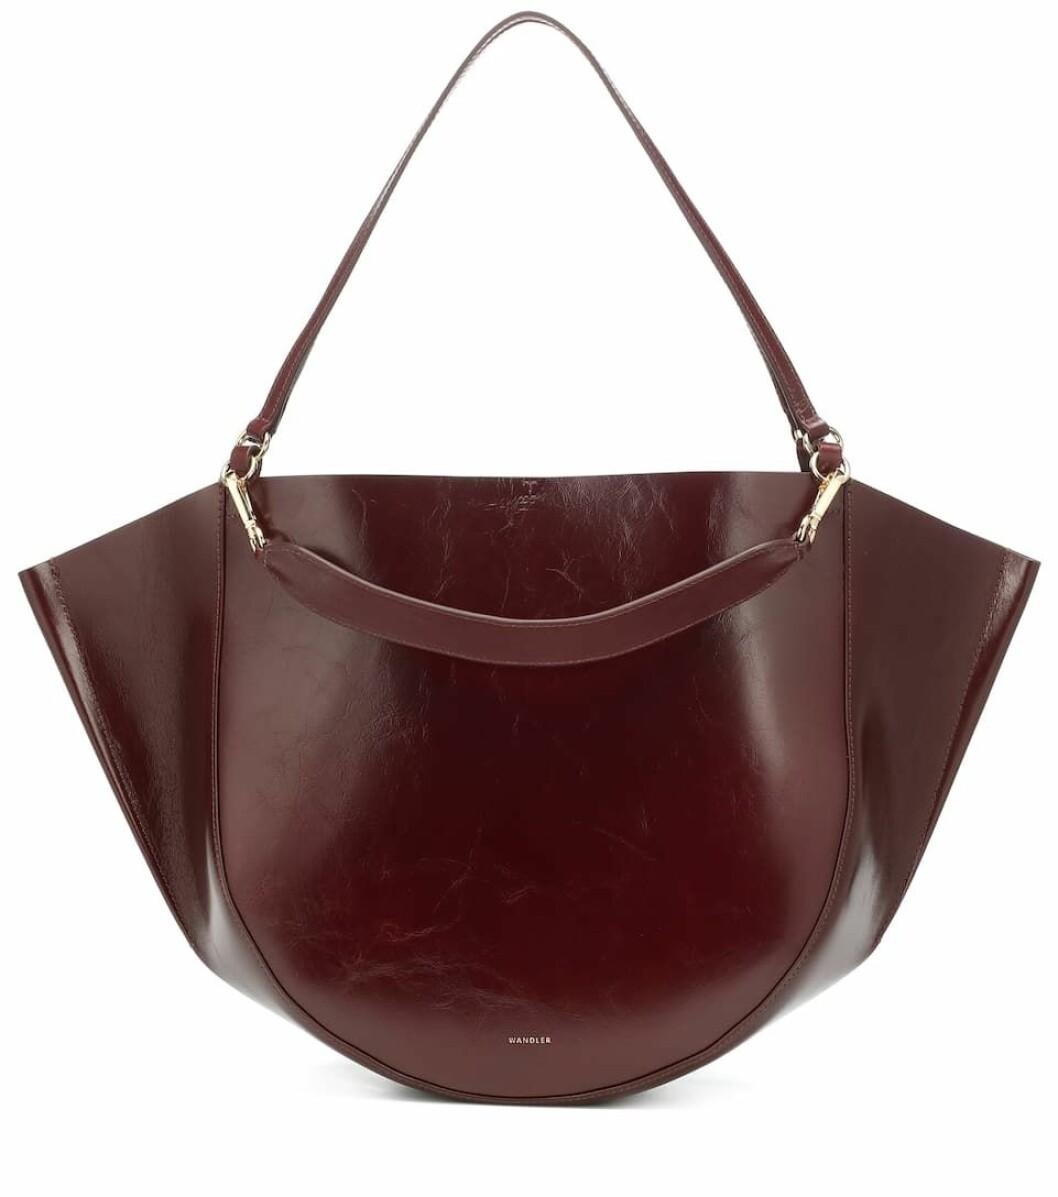 Wandler uppdaterar sin klassiska Mia-väska med nya nyanser gång på gång.